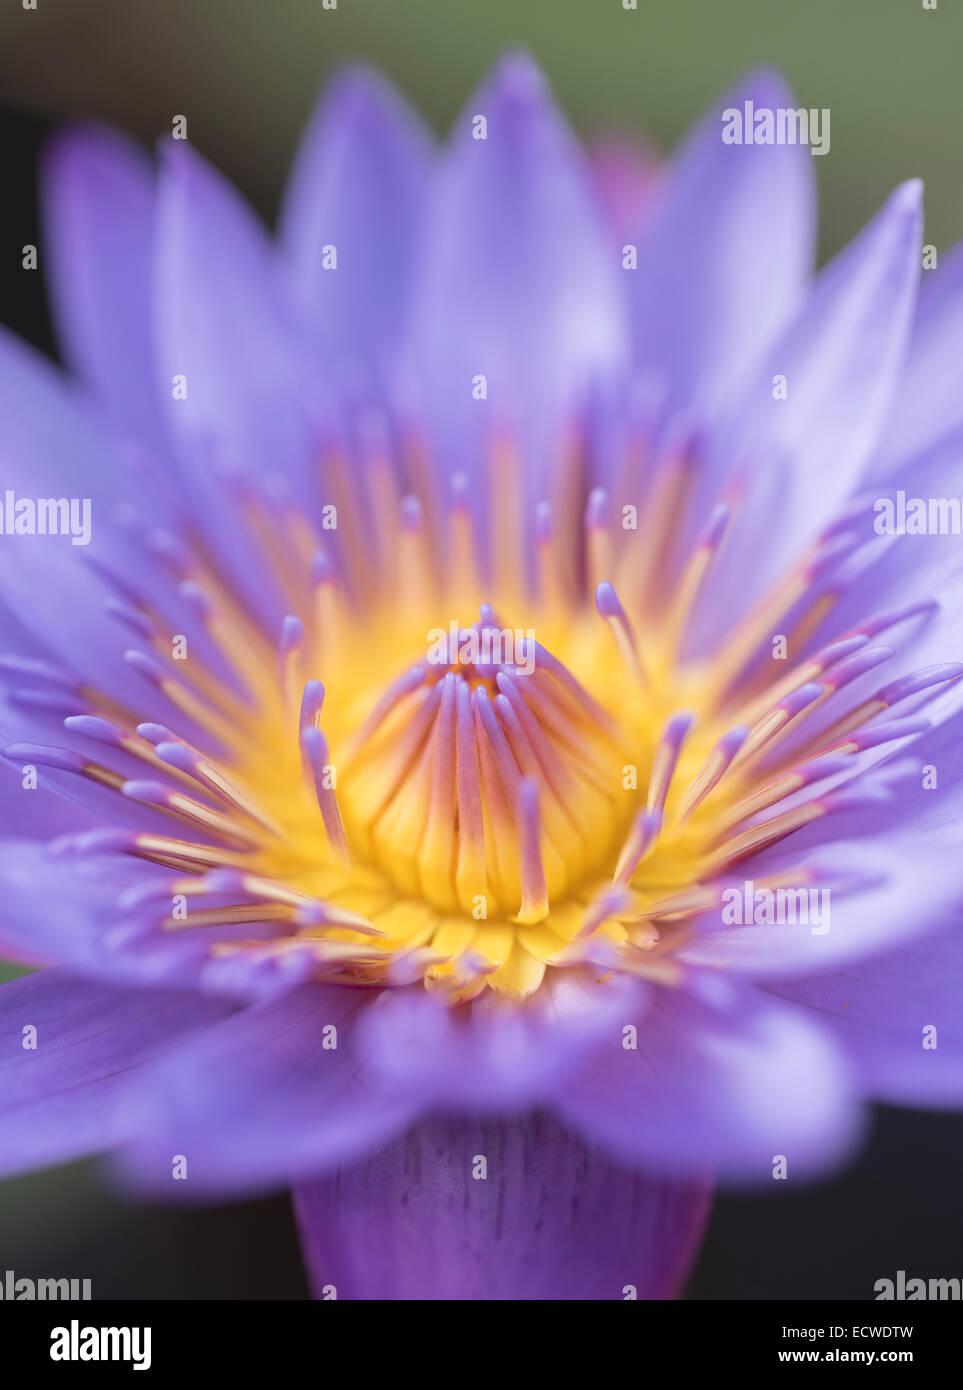 Lirio de agua, Nymphaeaceae, lirios de agua, flor Foto de stock